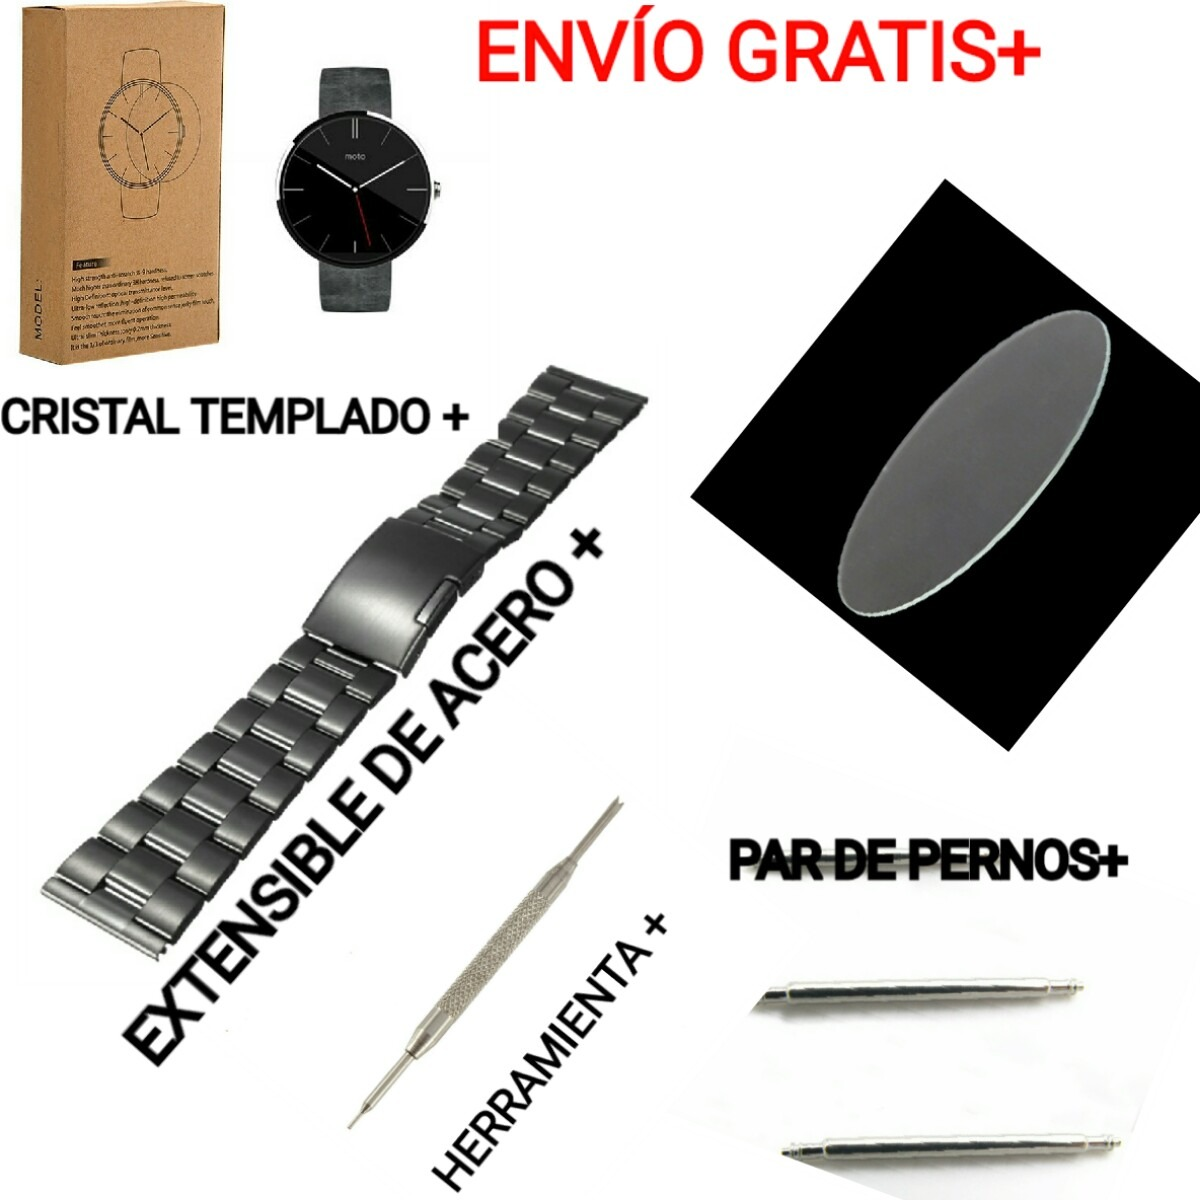 ee50784ddbda Moto 360 Extensible 1ra Generación+mica+herramienta+pernos ...